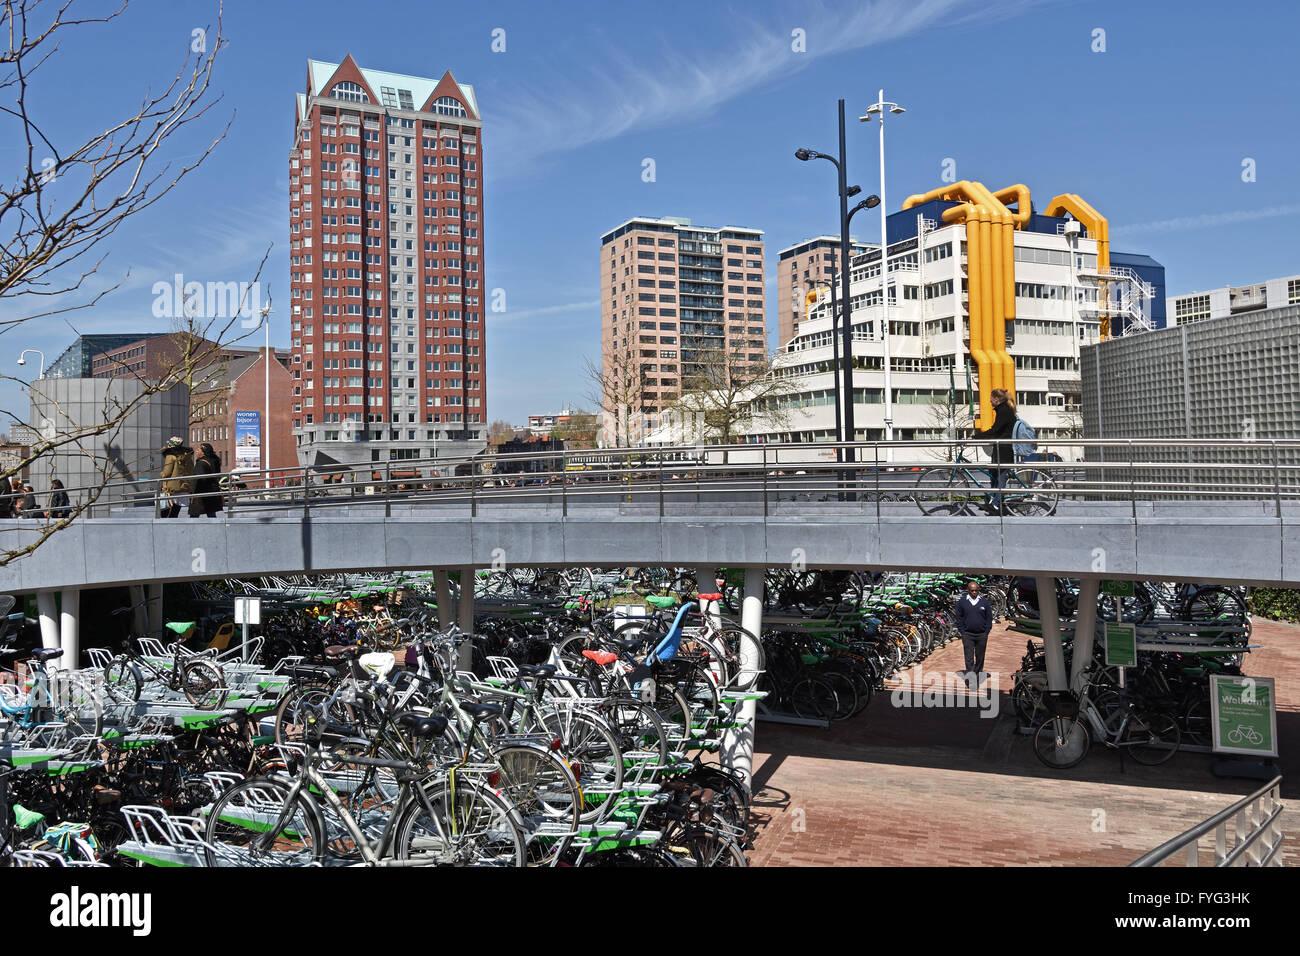 Bicicletta pubblica il deposito delle biciclette parcheggio park city center di Rotterdam Blaak square Paesi Bassi Immagini Stock